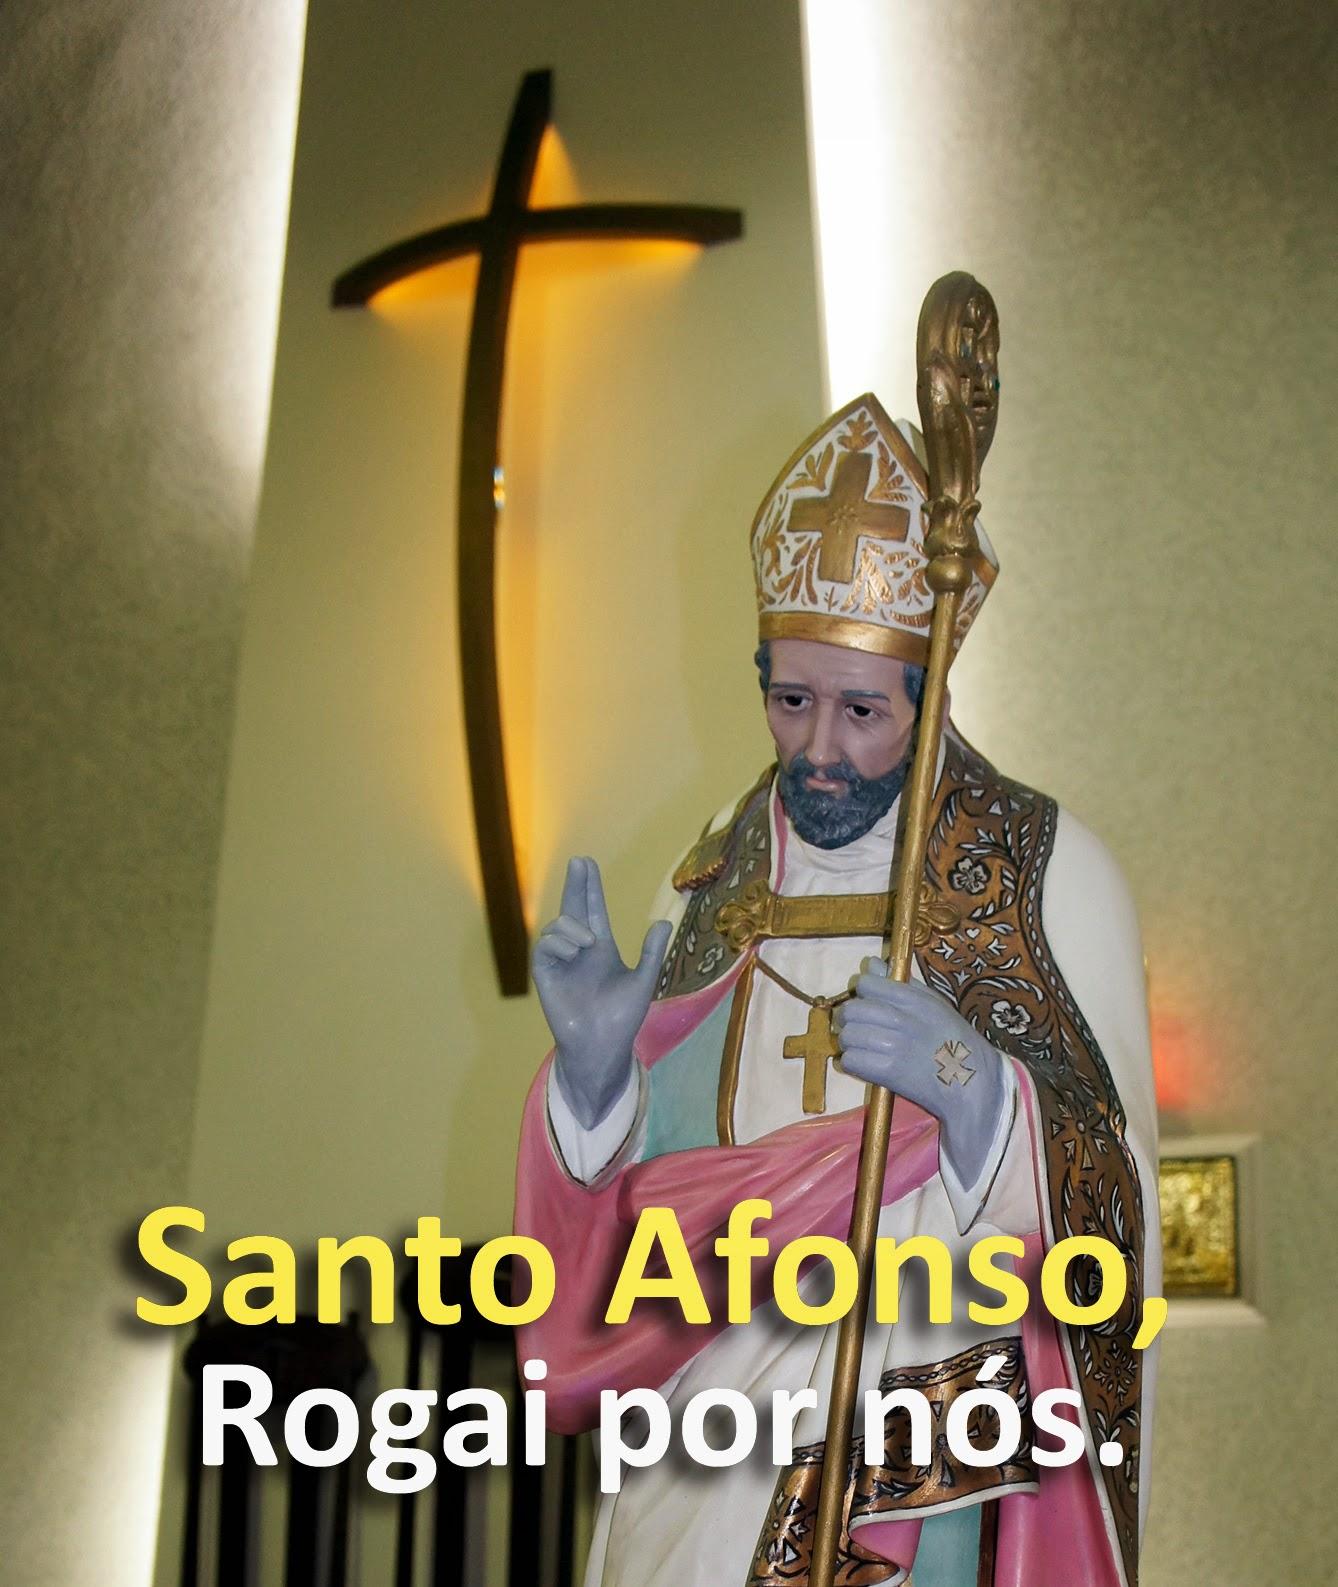 Paróquia de SANTO AFONSO